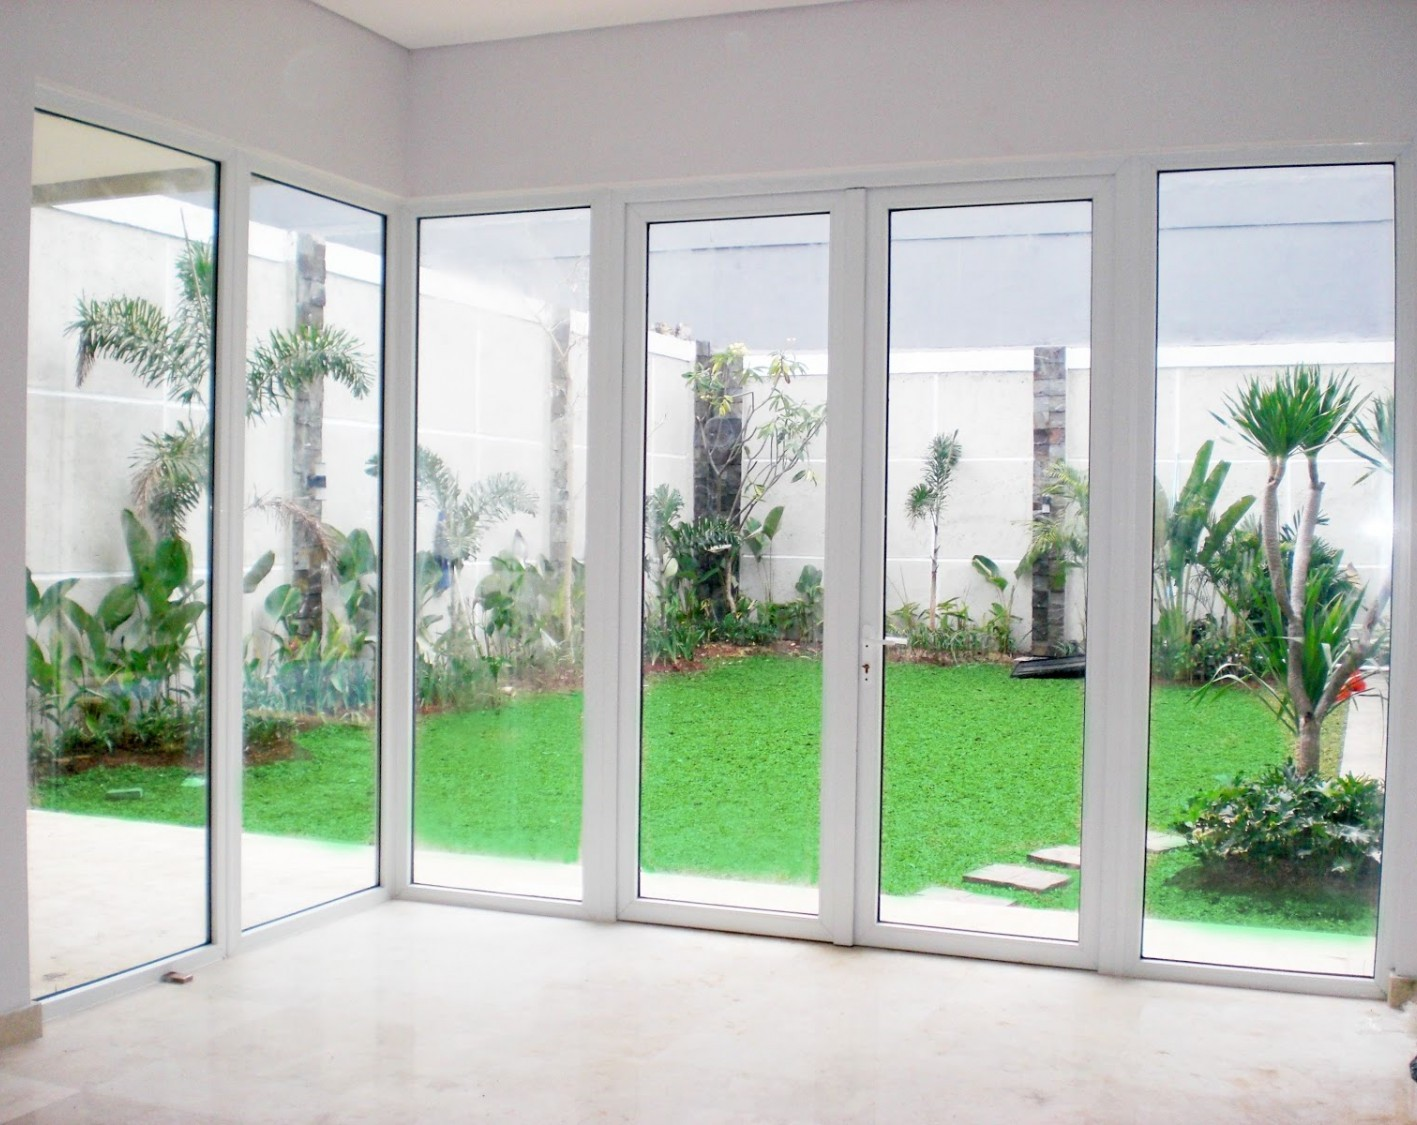 Contoh Kusen Jendela Dan Pintu Minimalis Kusen Upvc Jendela Kaca Pintu Rumah Minimalis Terbaru